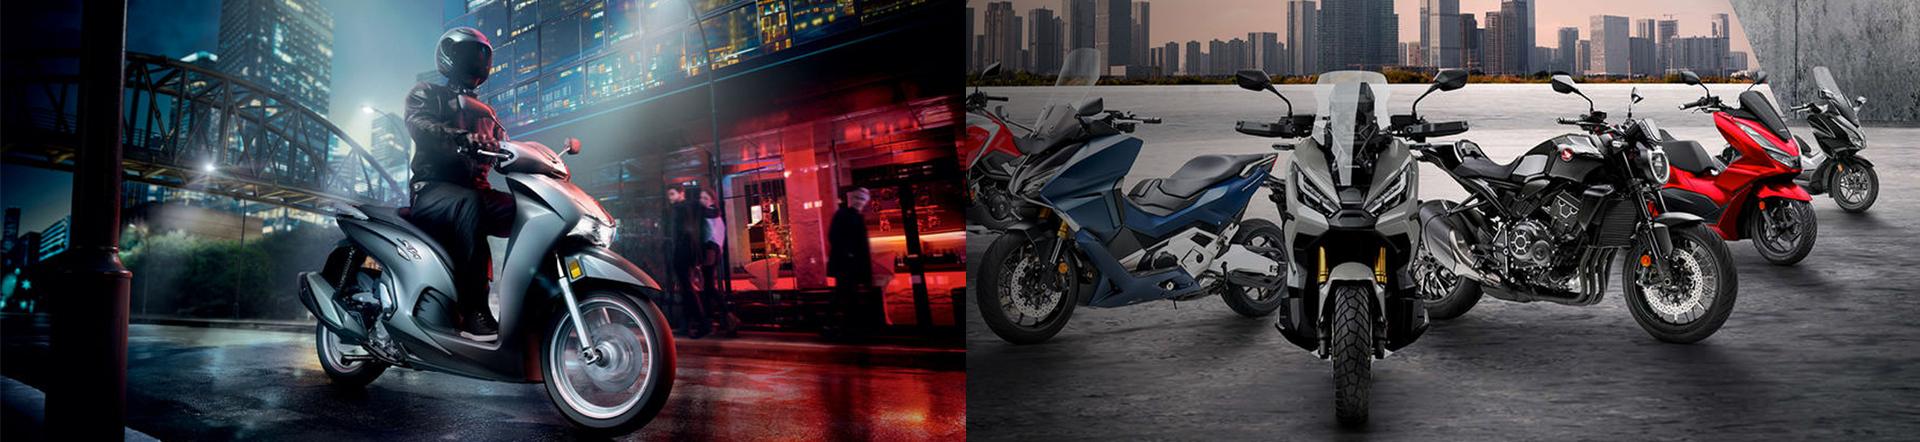 Bike-Neuheiten 2020 & 2021: Neue Modelle im Überblick bei AUTO STAHL